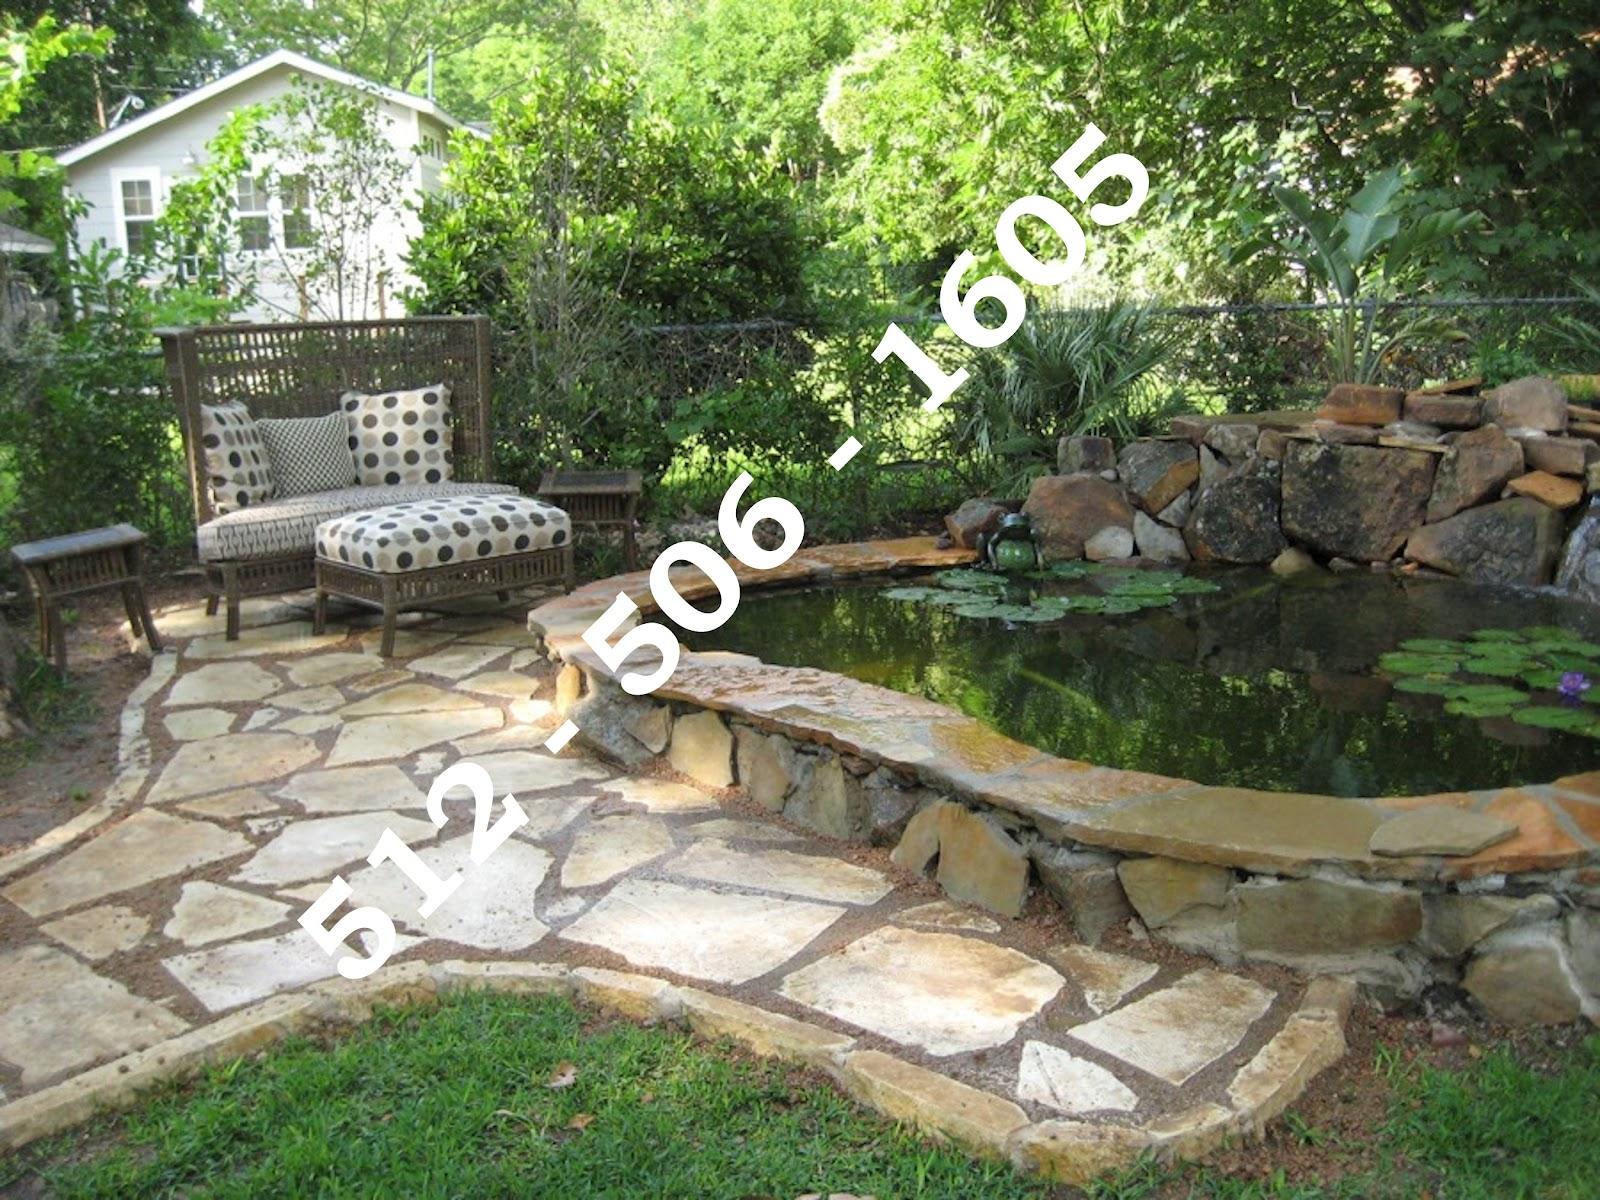 Kevin Ellner Austin Based Landscape Designer And Custom Stone Work